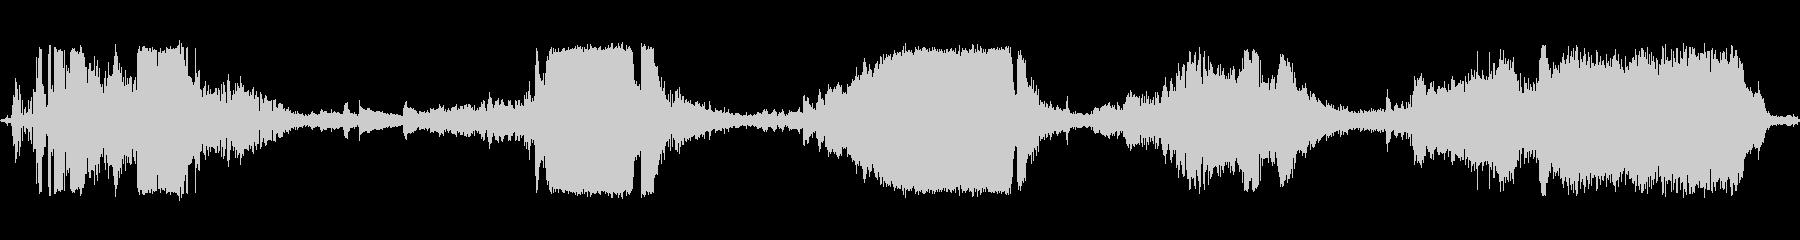 M-38アーミージープ:スタート、...の未再生の波形